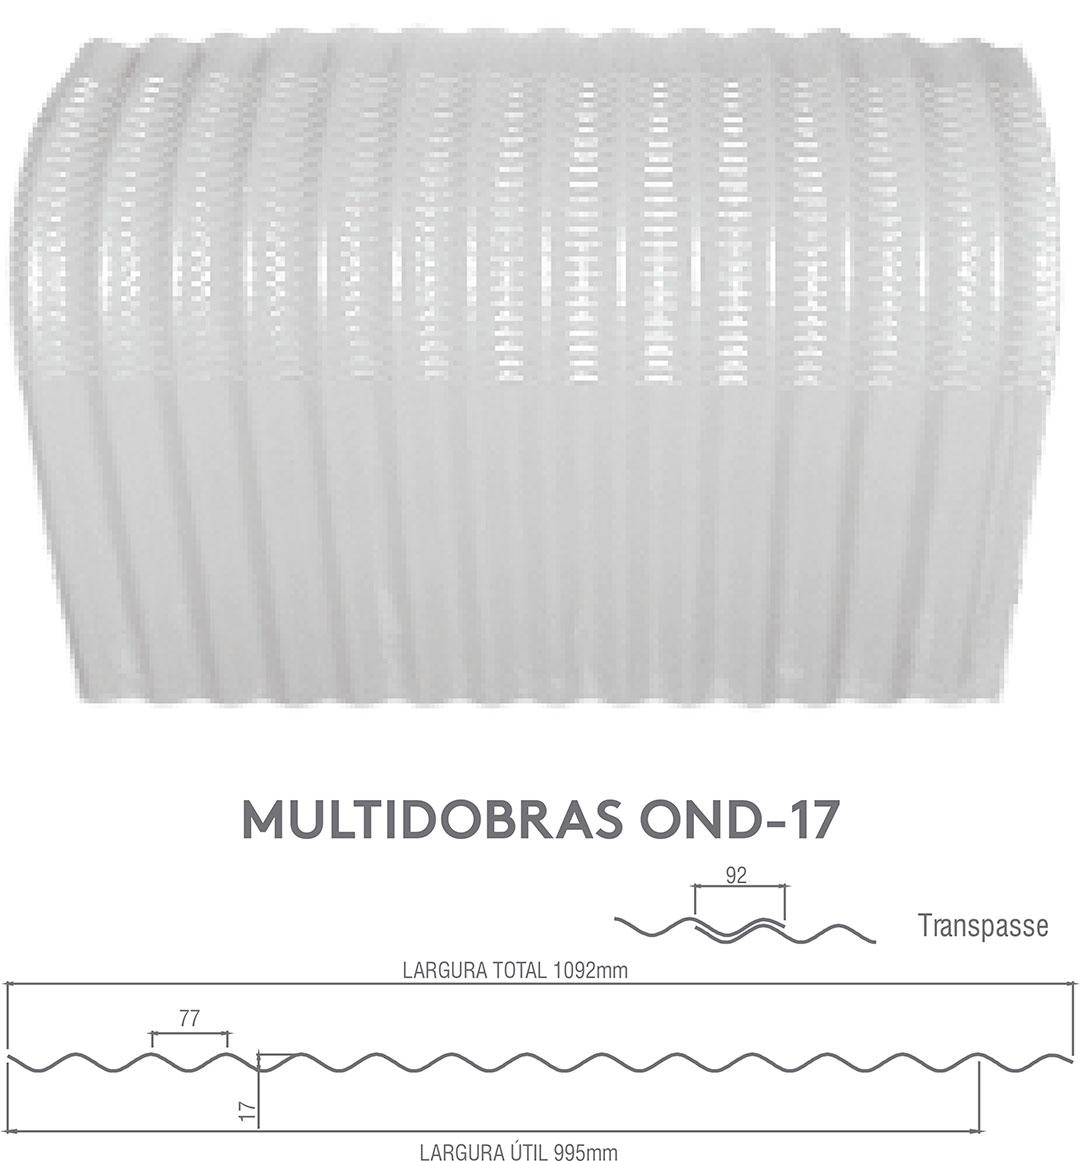 multidobras-ond-17-mobile